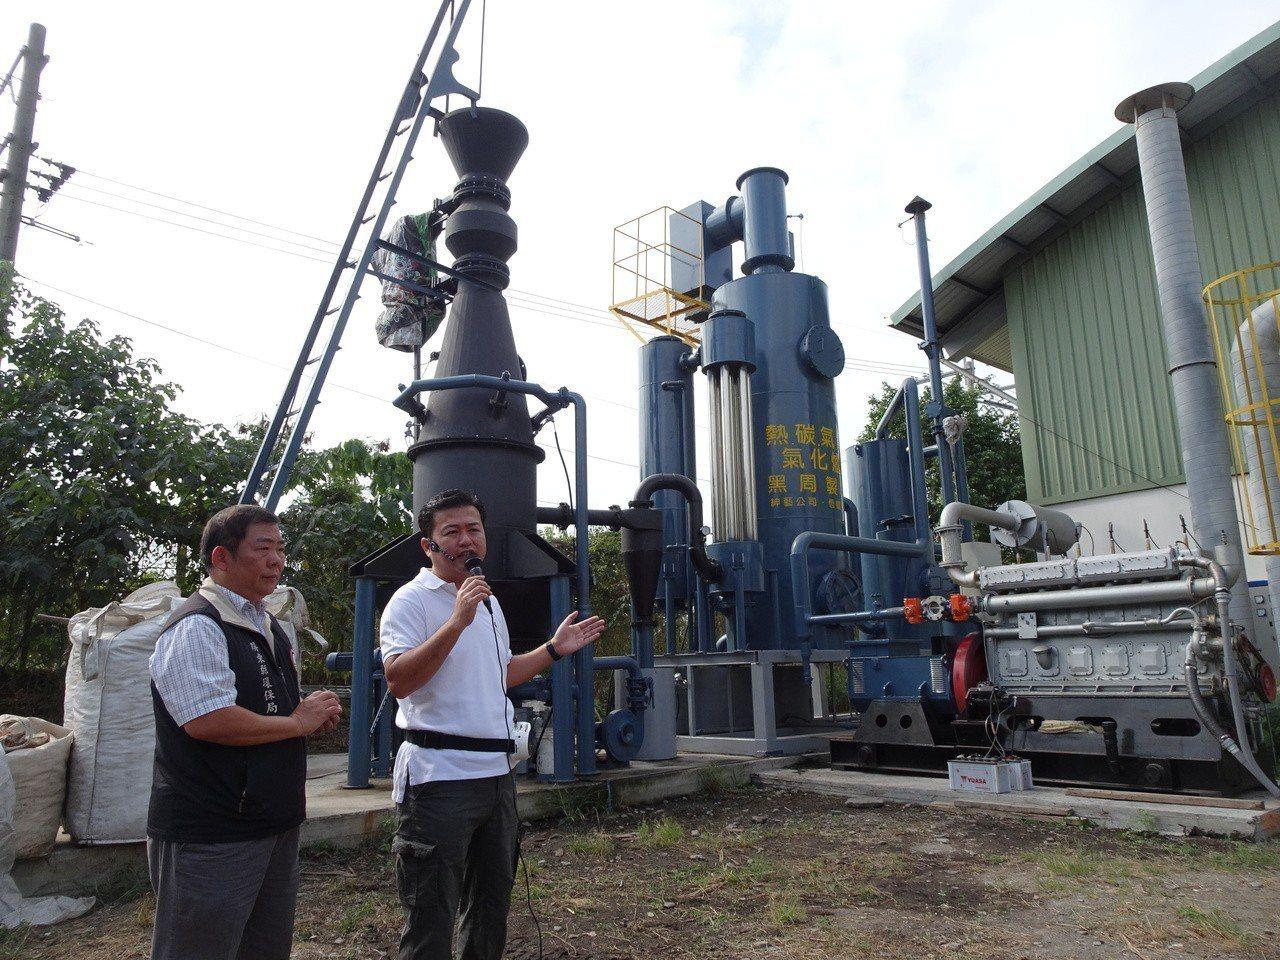 屏東縣環保局今年在枋寮鄉設置生物炭發電設備,在改善空汙外,它可帶進售電、生物炭副...